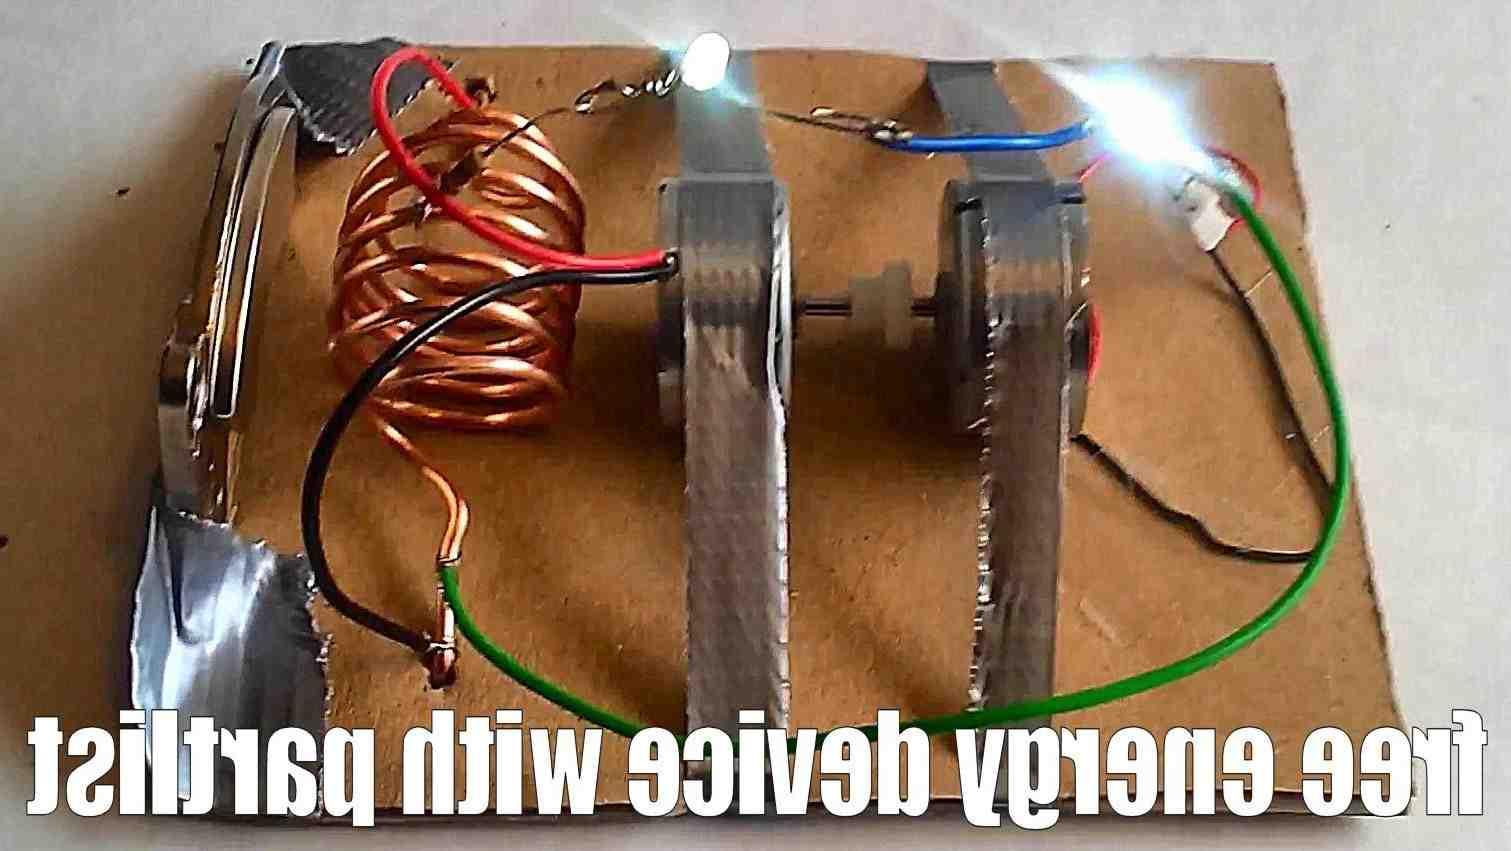 Comment produire de l'électricité gratuitement ?